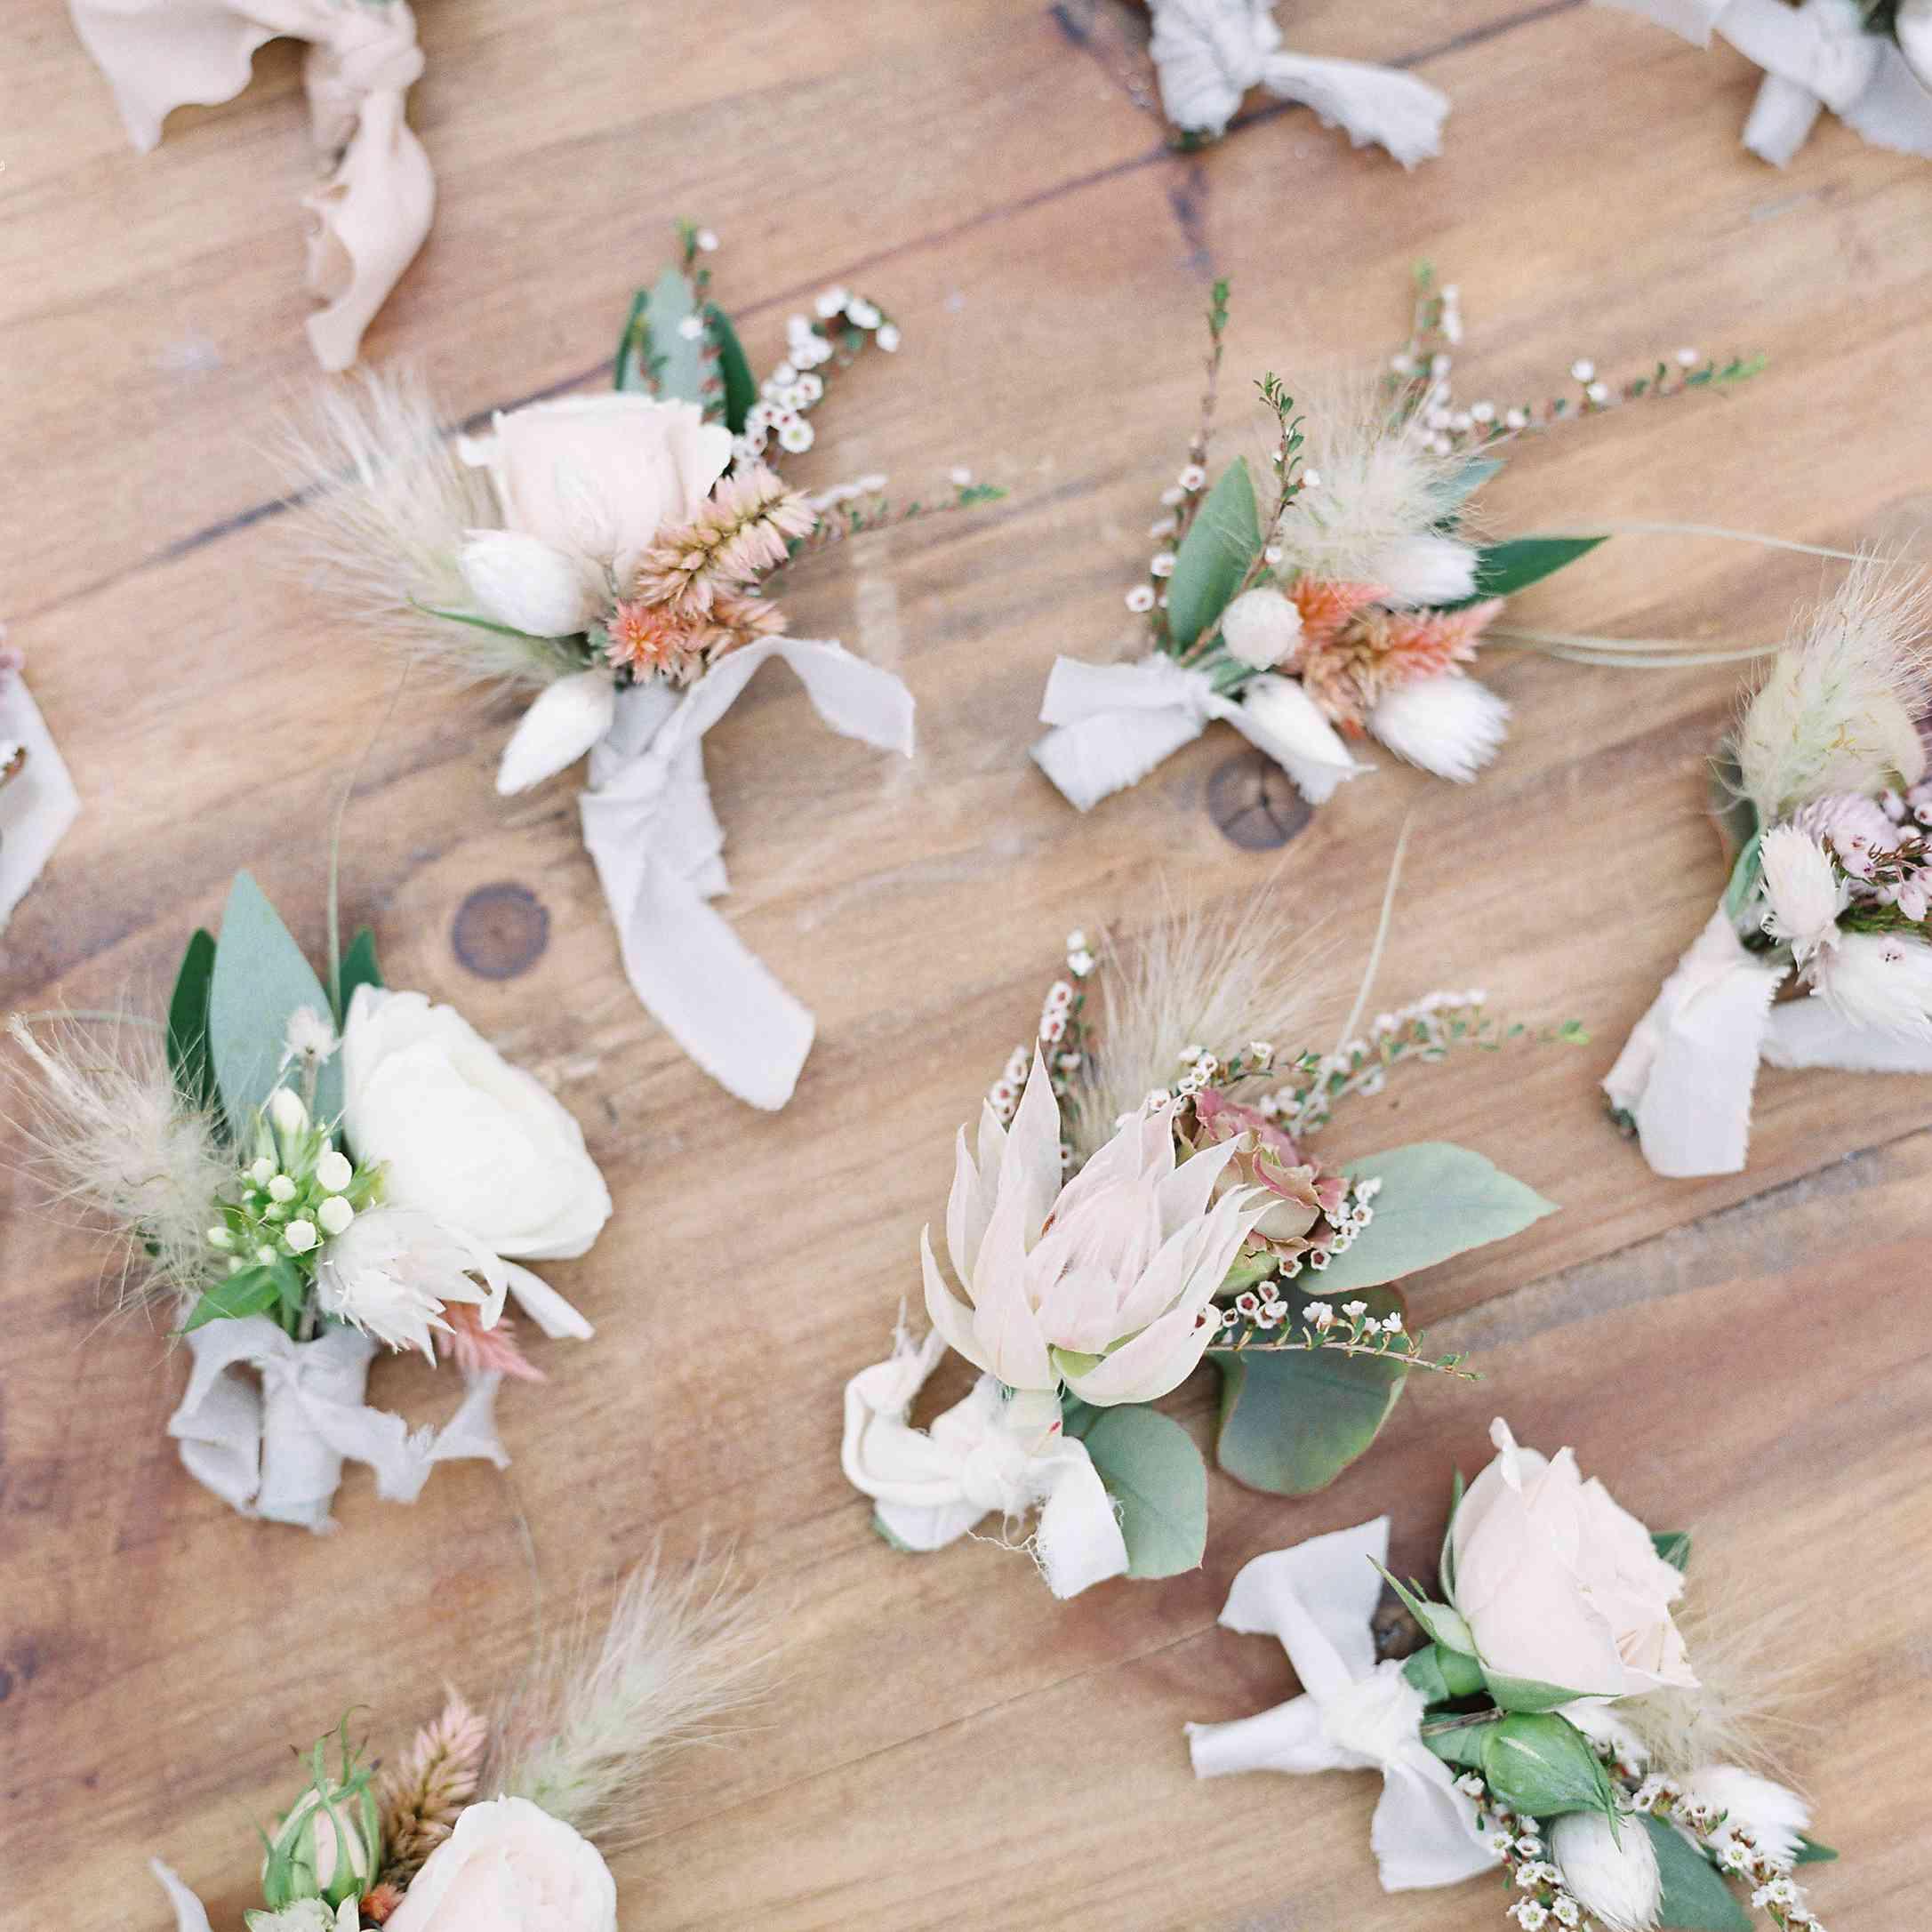 <p>Floral boutonnieres</p><br><br>